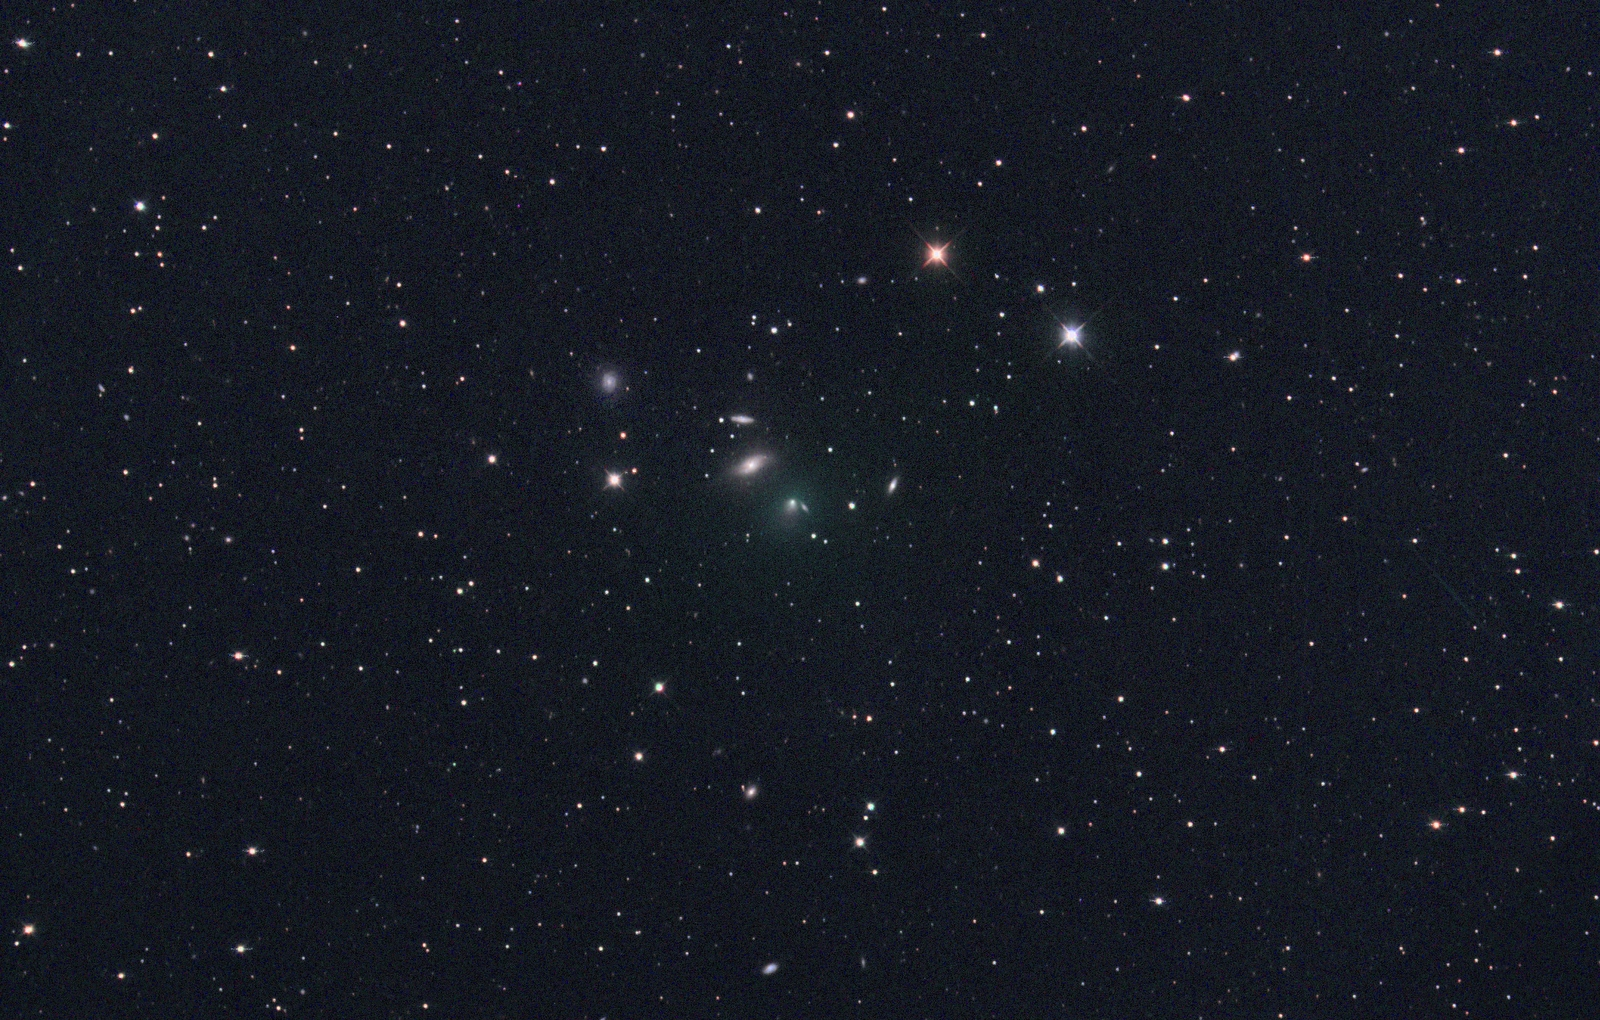 Komety vizuálně v době novu 4. 7. 2016